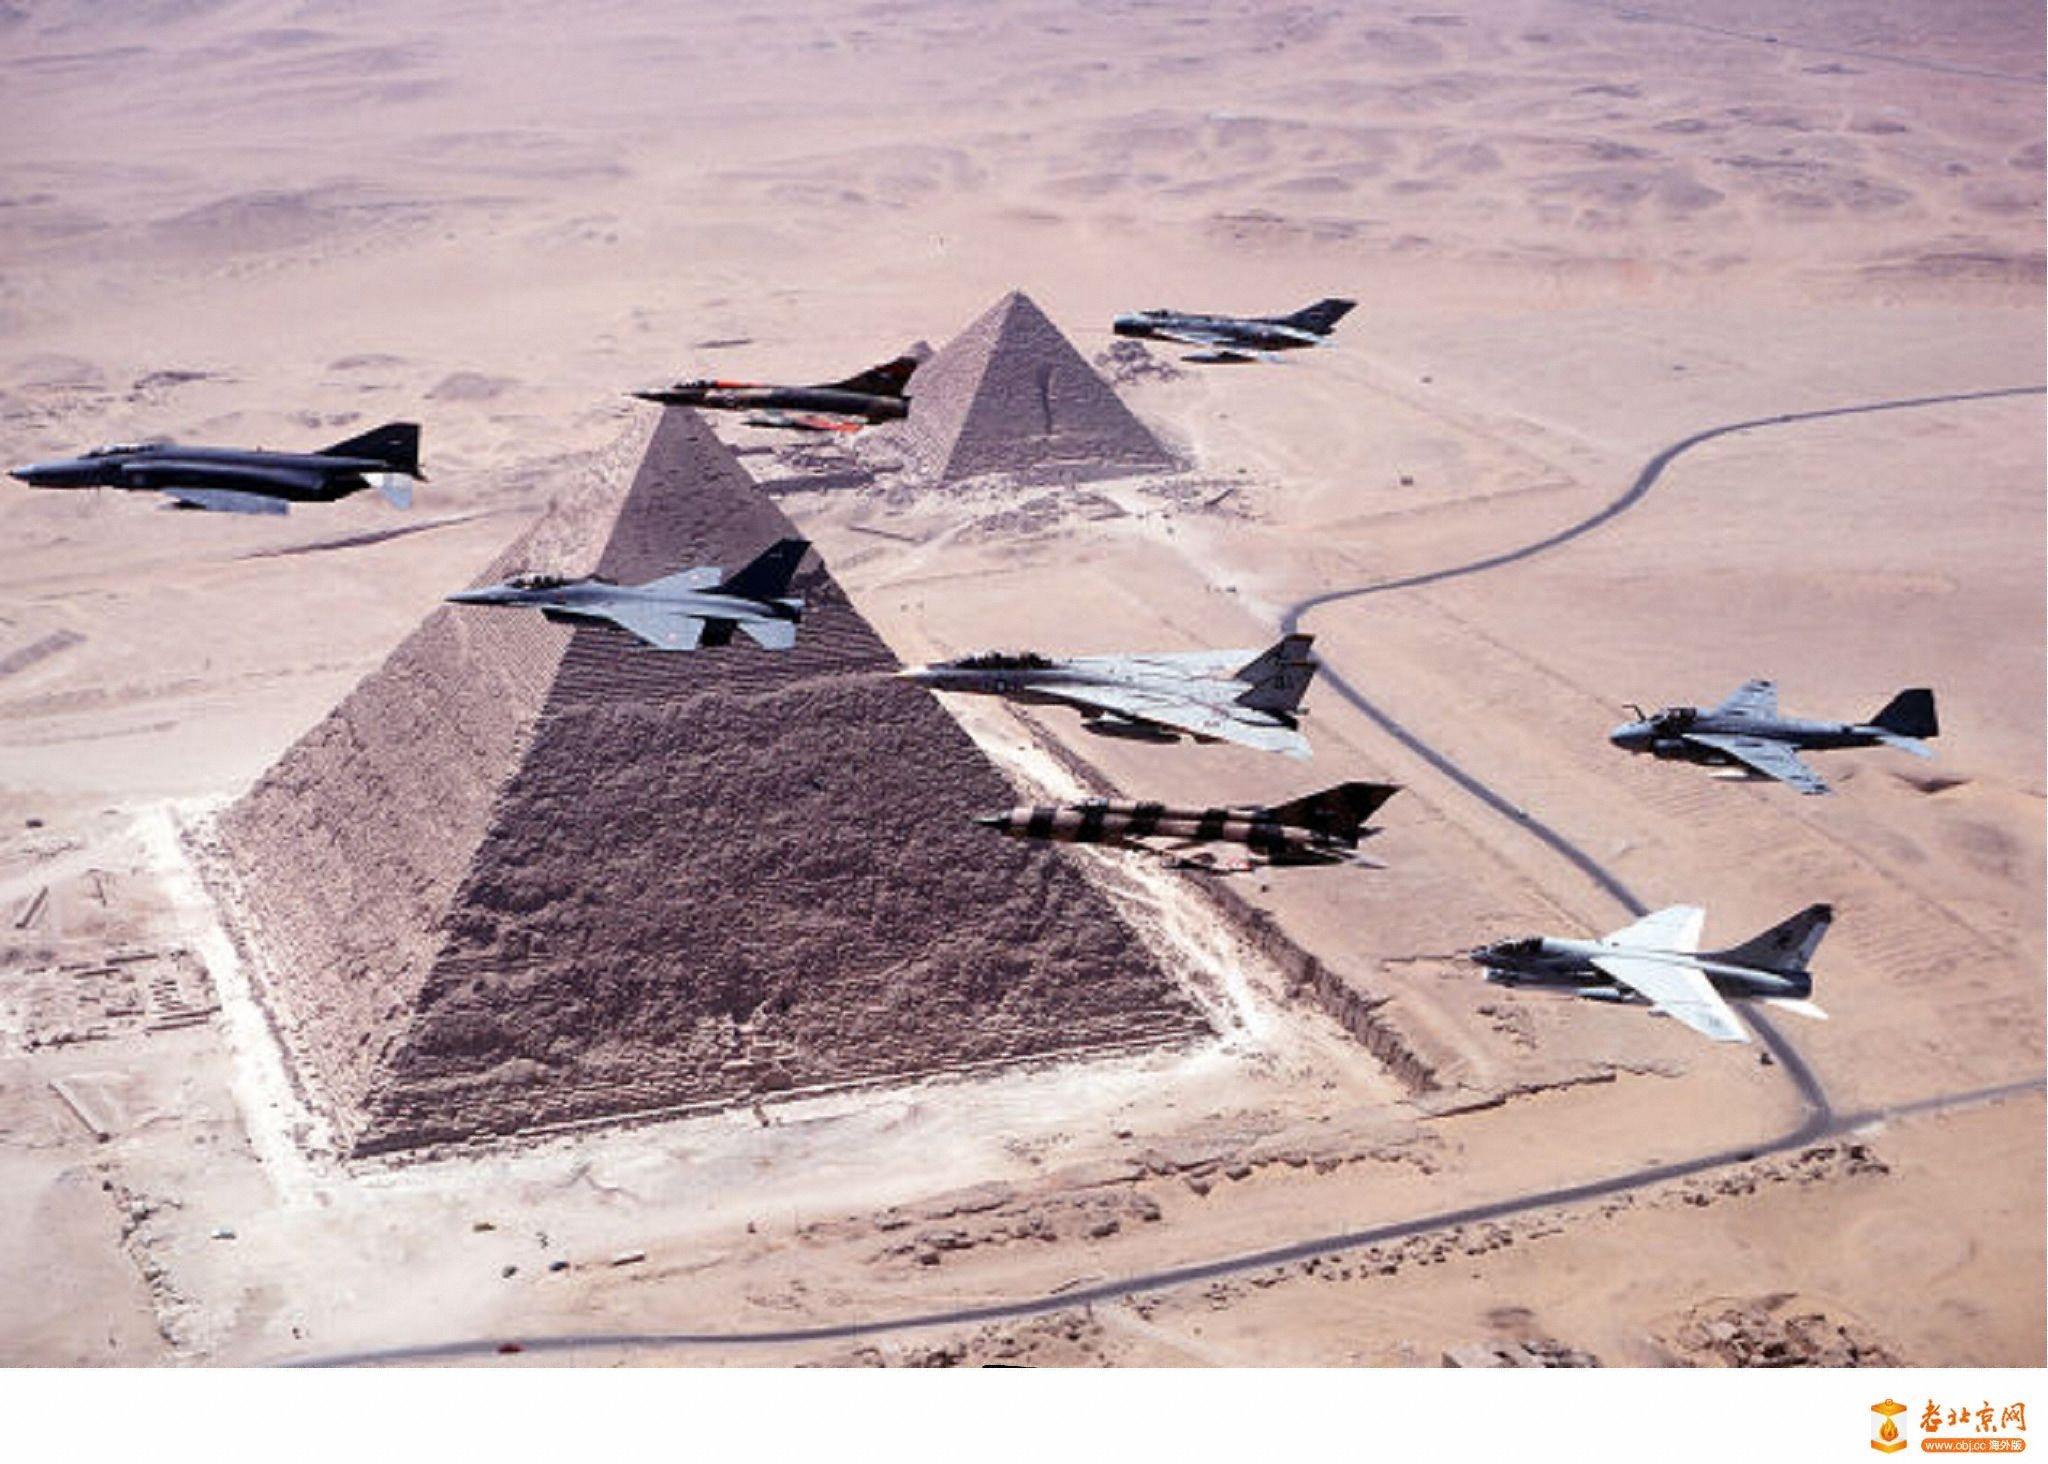 列队飞过金字塔 flying over pyramids in formation